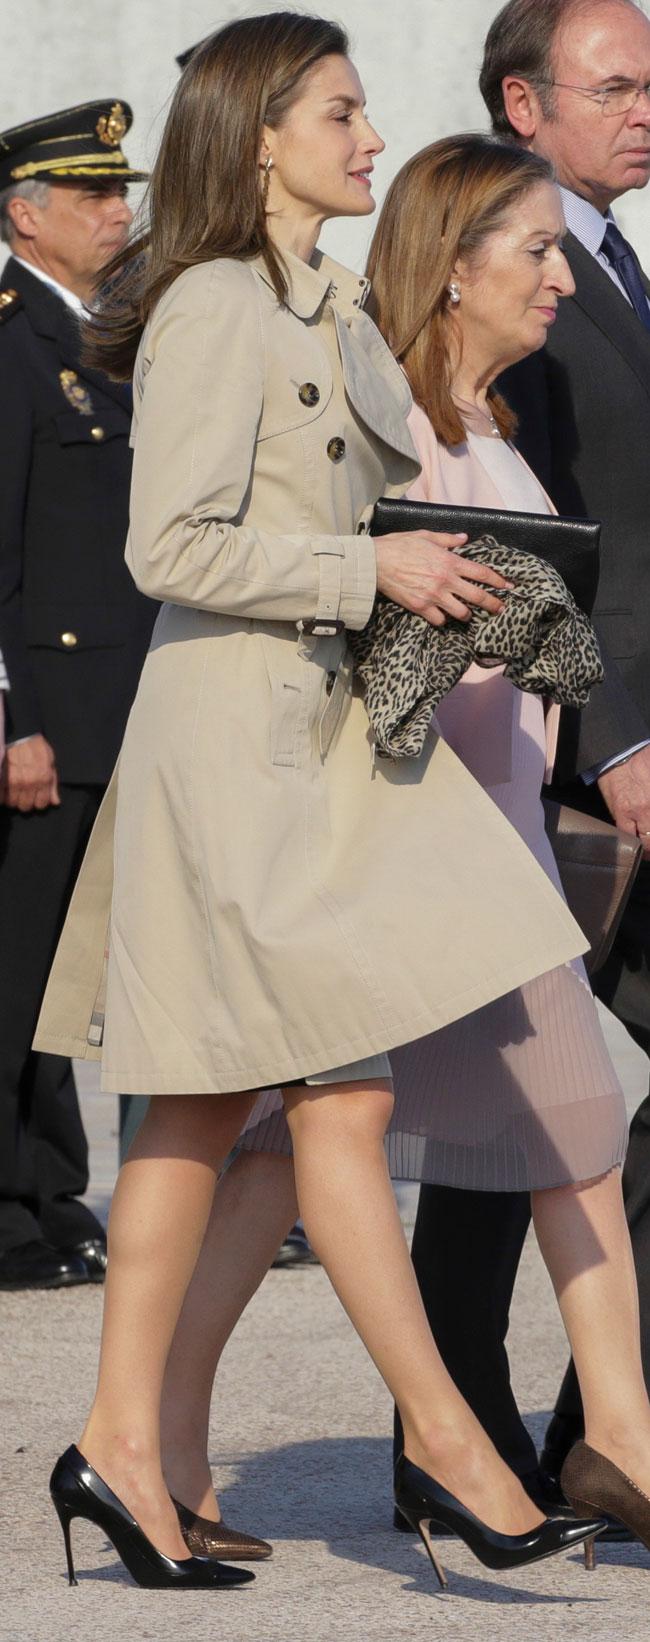 Letizia ortiz la reina más odiada y más envidiada a la vez - Página 2 1-44